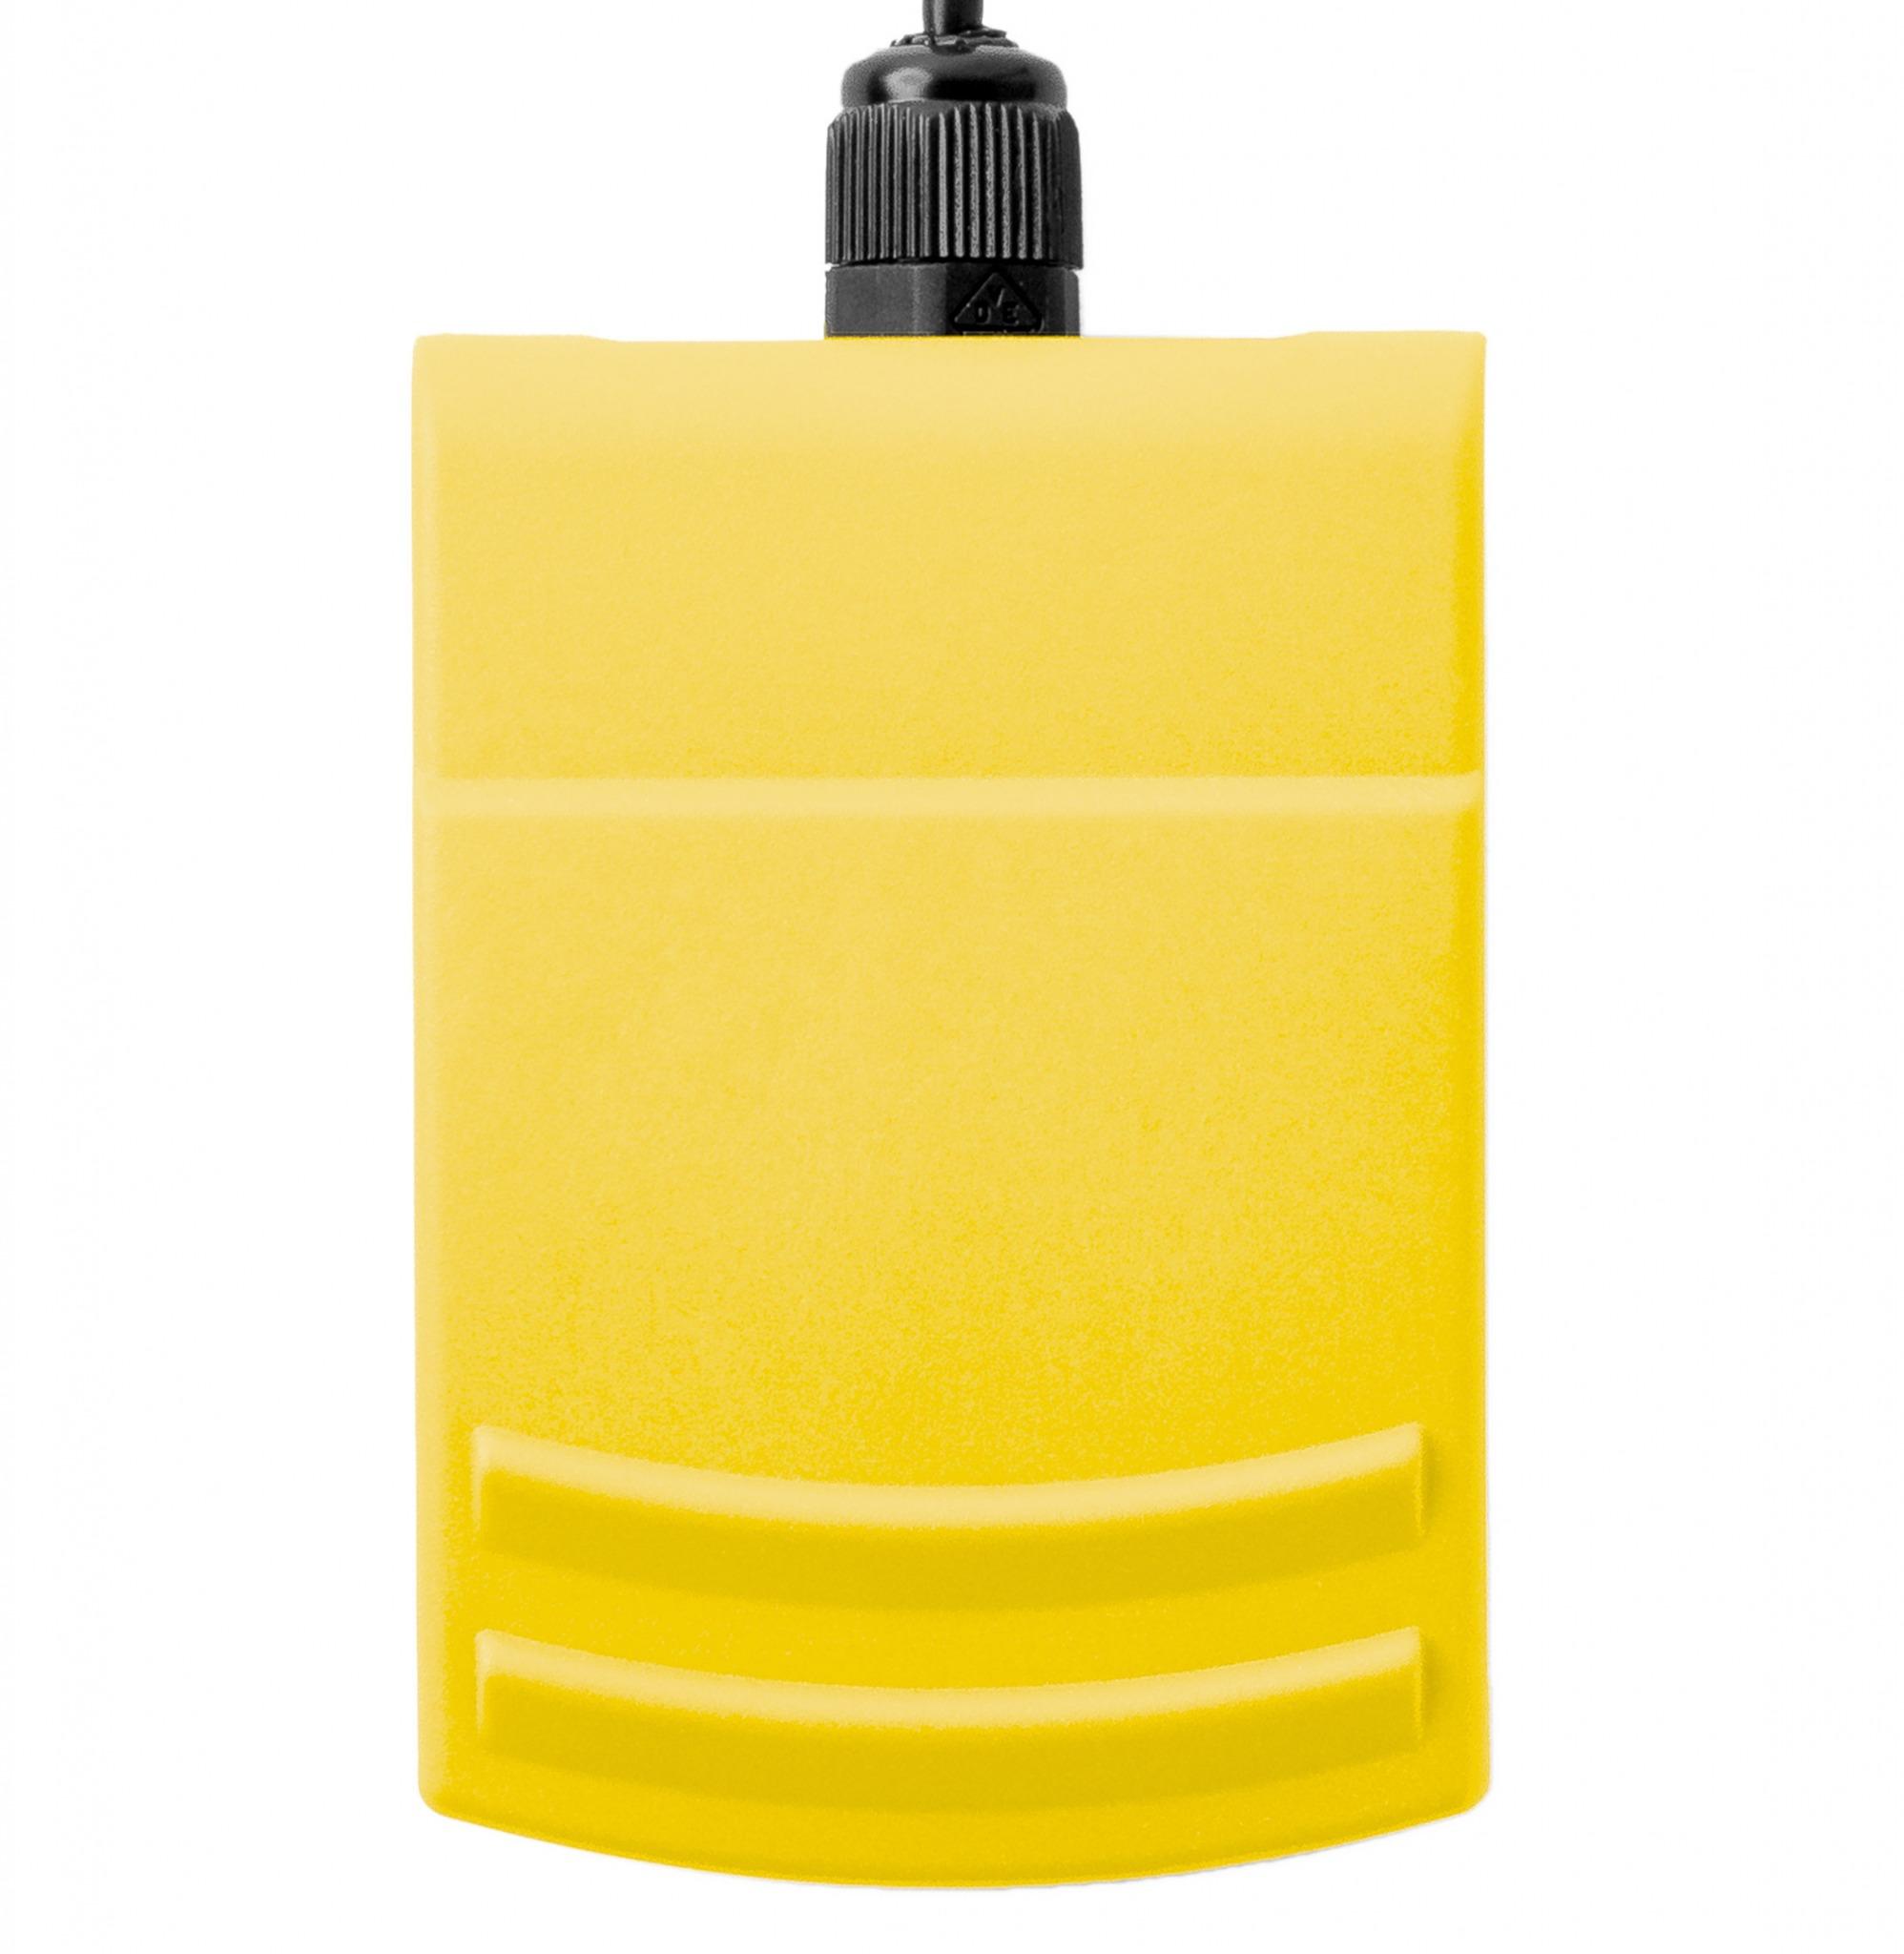 Fußschalter in gelb